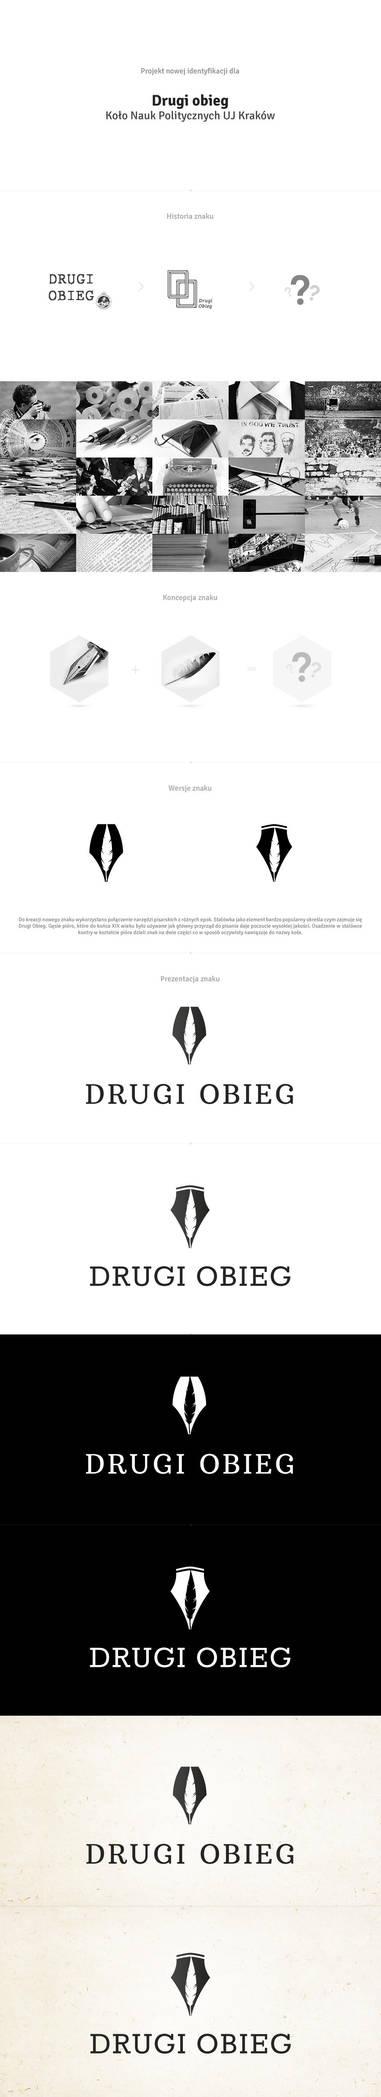 DRUGI OBIEG by sonars